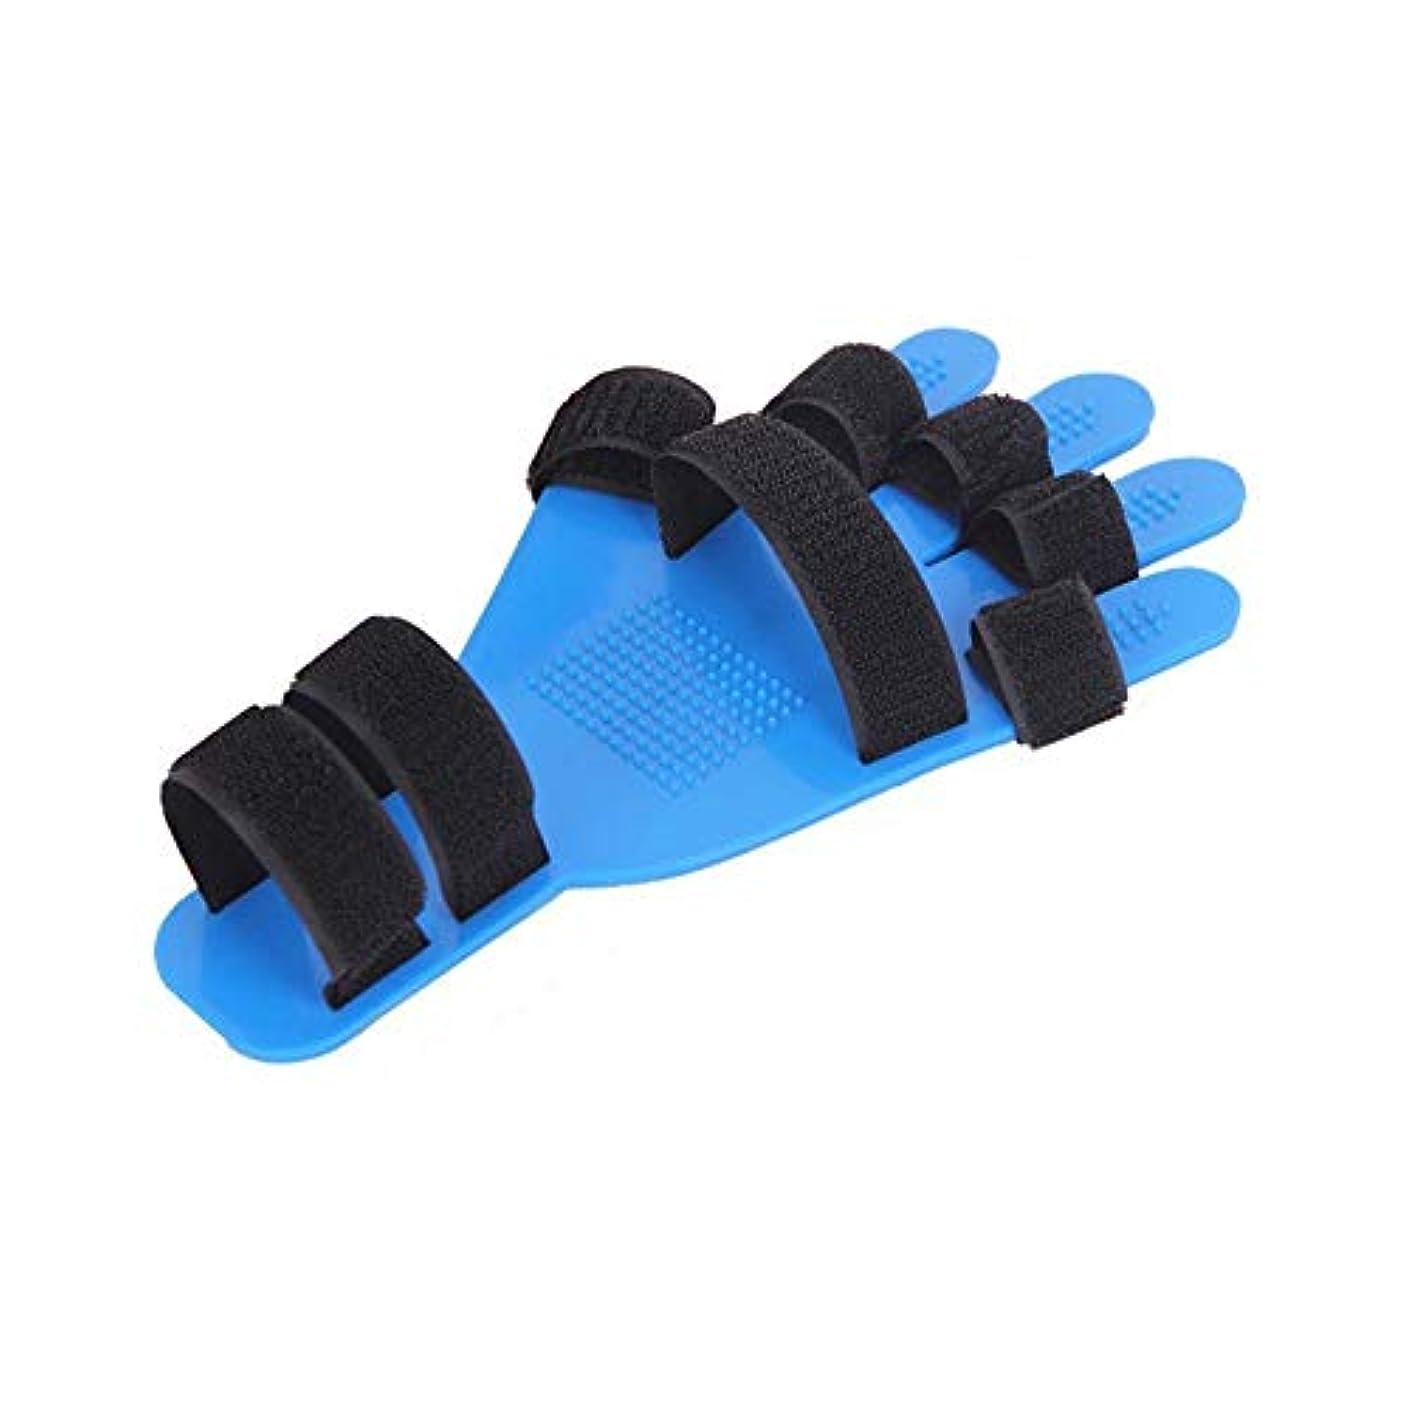 市の中心部湿地姿を消す指トレーニングボード 指サポーター 修正指板 指の訓練板 指の添え木指板 指リハビリ訓練器具 調節可能なフィンガー 左右手通用